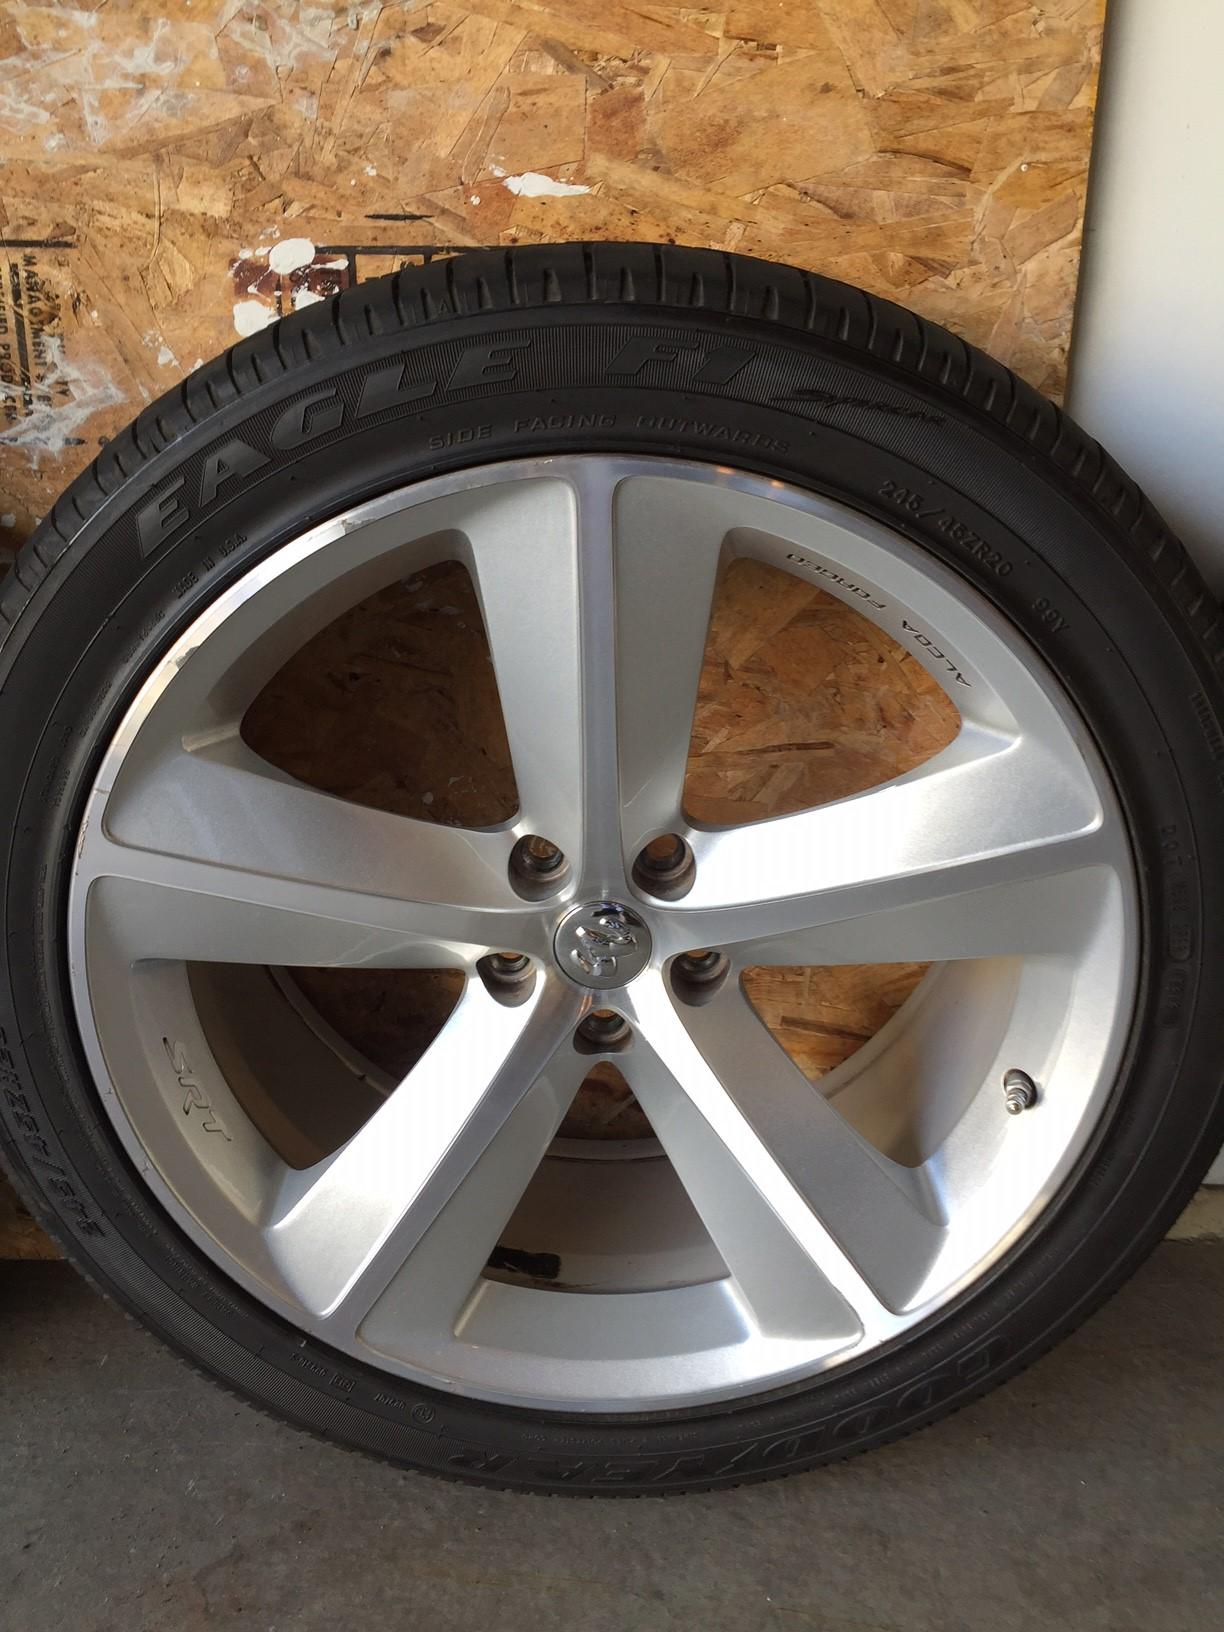 for sale barn car factory wheels n tires dodge challenger 2010 factory. Black Bedroom Furniture Sets. Home Design Ideas